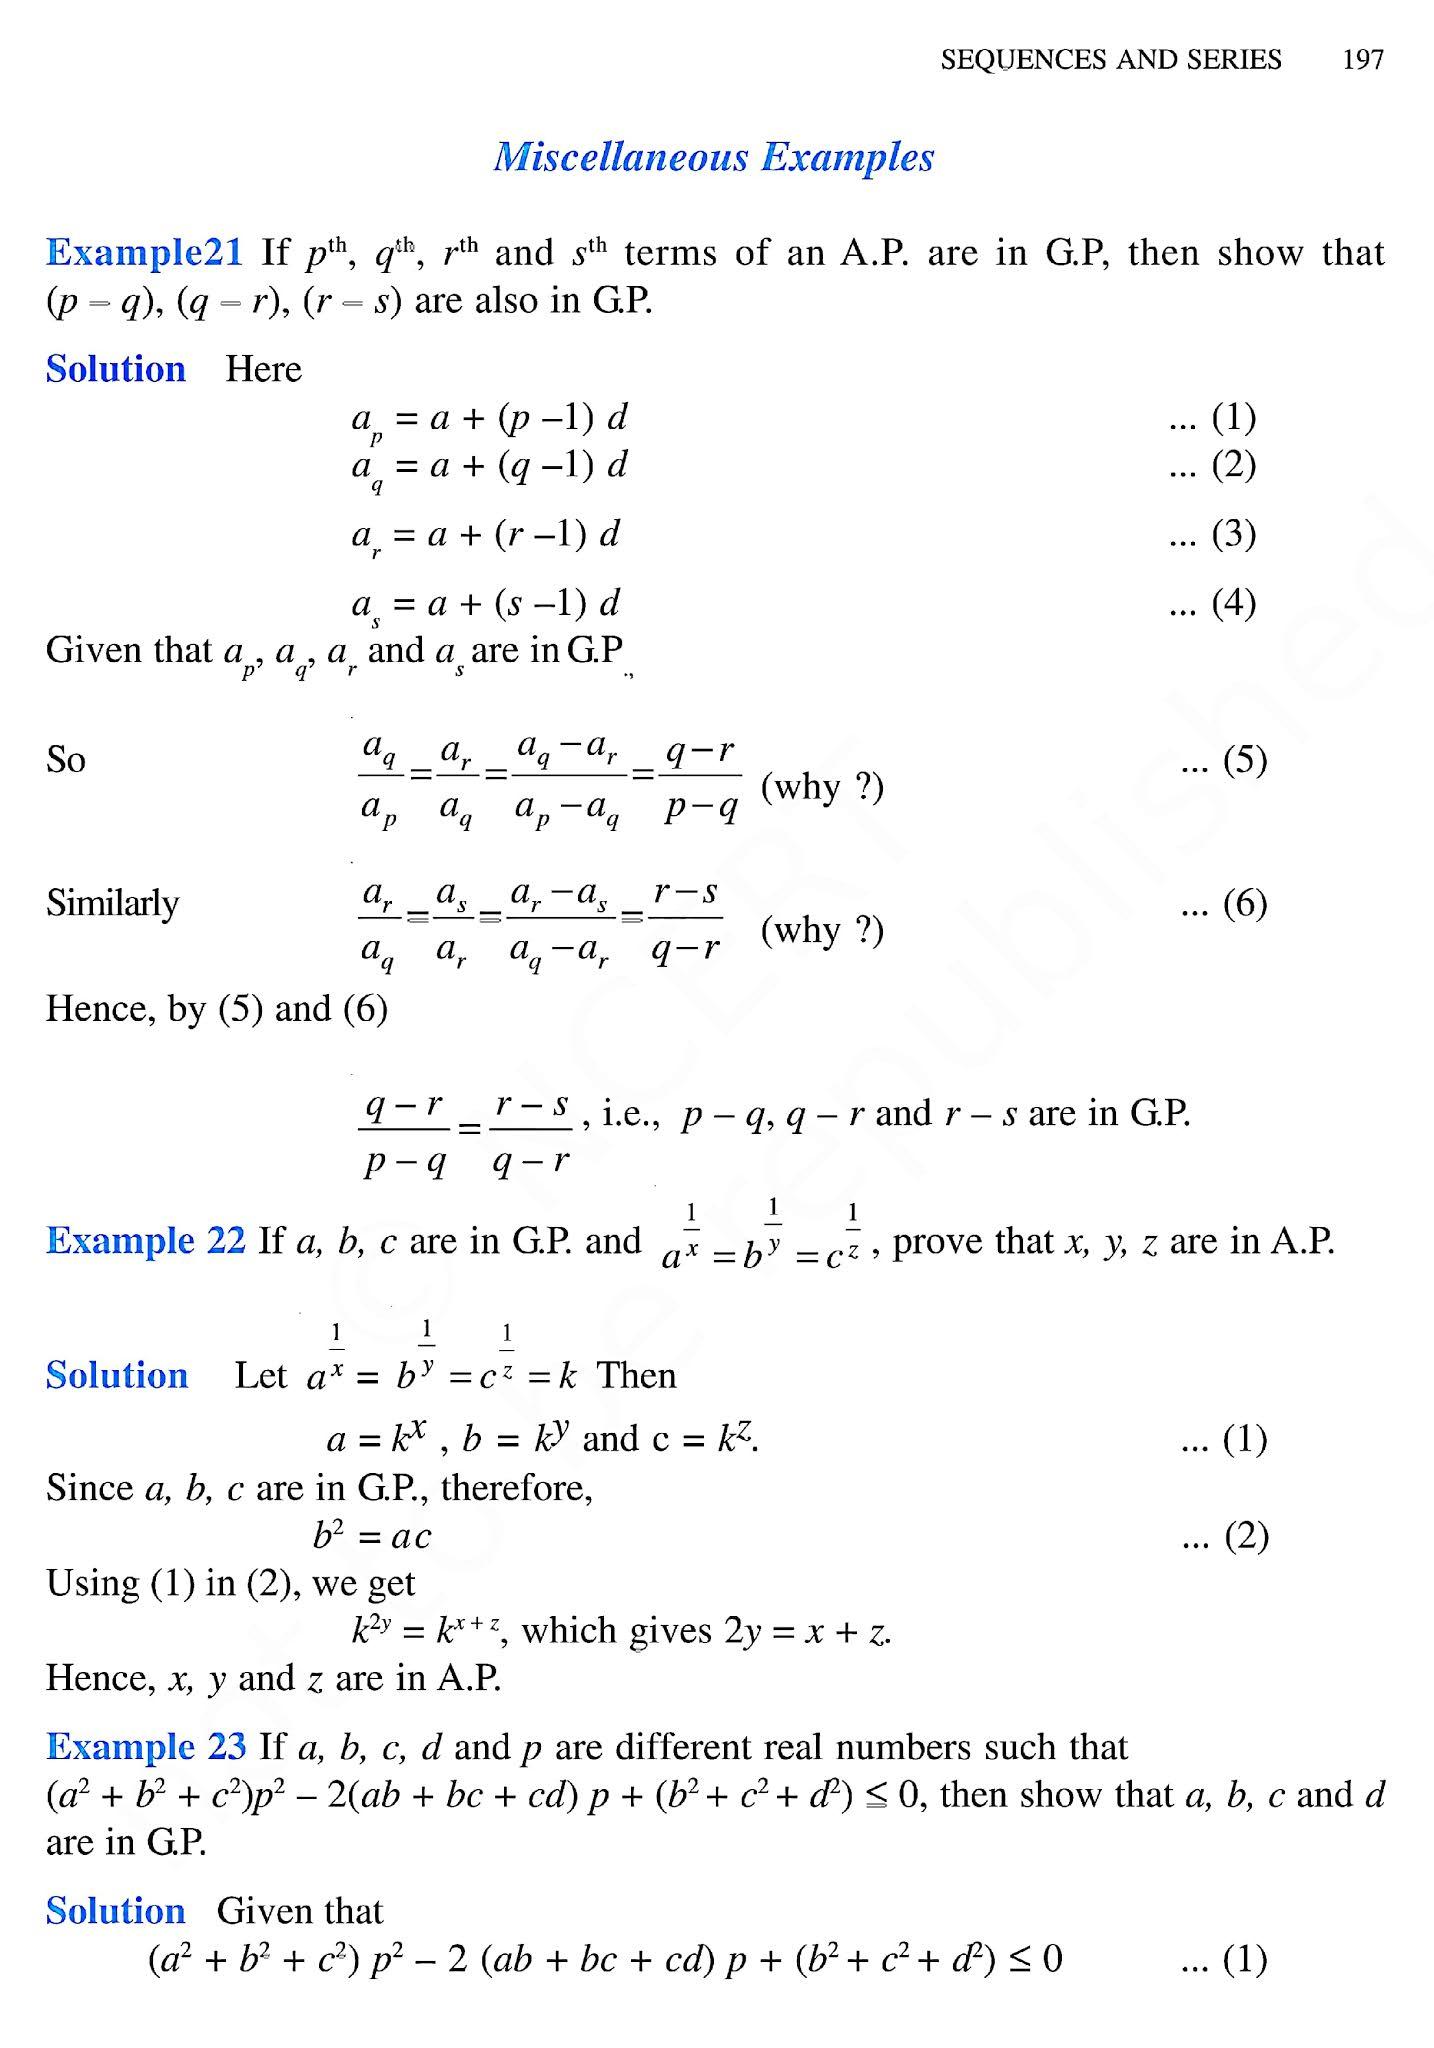 Class 11 Maths Chapter 9 Text Book - English Medium,  11th Maths book in hindi,11th Maths notes in hindi,cbse books for class  11,cbse books in hindi,cbse ncert books,class  11  Maths notes in hindi,class  11 hindi ncert solutions, Maths 2020, Maths 2021, Maths 2022, Maths book class  11, Maths book in hindi, Maths class  11 in hindi, Maths notes for class  11 up board in hindi,ncert all books,ncert app in hindi,ncert book solution,ncert books class 10,ncert books class  11,ncert books for class 7,ncert books for upsc in hindi,ncert books in hindi class 10,ncert books in hindi for class  11  Maths,ncert books in hindi for class 6,ncert books in hindi pdf,ncert class  11 hindi book,ncert english book,ncert  Maths book in hindi,ncert  Maths books in hindi pdf,ncert  Maths class  11,ncert in hindi,old ncert books in hindi,online ncert books in hindi,up board  11th,up board  11th syllabus,up board class 10 hindi book,up board class  11 books,up board class  11 new syllabus,up Board  Maths 2020,up Board  Maths 2021,up Board  Maths 2022,up Board  Maths 2023,up board intermediate  Maths syllabus,up board intermediate syllabus 2021,Up board Master 2021,up board model paper 2021,up board model paper all subject,up board new syllabus of class 11th Maths,up board paper 2021,Up board syllabus 2021,UP board syllabus 2022,   11 वीं मैथ्स पुस्तक हिंदी में,  11 वीं मैथ्स नोट्स हिंदी में, कक्षा  11 के लिए सीबीएससी पुस्तकें, हिंदी में सीबीएससी पुस्तकें, सीबीएससी  पुस्तकें, कक्षा  11 मैथ्स नोट्स हिंदी में, कक्षा  11 हिंदी एनसीईआरटी समाधान, मैथ्स 2020, मैथ्स 2021, मैथ्स 2022, मैथ्स  बुक क्लास  11, मैथ्स बुक इन हिंदी, बायोलॉजी क्लास  11 हिंदी में, मैथ्स नोट्स इन क्लास  11 यूपी  बोर्ड इन हिंदी, एनसीईआरटी मैथ्स की किताब हिंदी में,  बोर्ड  11 वीं तक,  11 वीं तक की पाठ्यक्रम, बोर्ड कक्षा 10 की हिंदी पुस्तक  , बोर्ड की कक्षा  11 की किताबें, बोर्ड की कक्षा  11 की नई पाठ्यक्रम, बोर्ड मैथ्स 2020, यूपी   बोर्ड मैथ्स 2021, यूपी  बोर्ड मैथ्स 2022, यूपी  बोर्ड मैथ्स 2023, यूपी  बोर्ड इंटरमीडिएट बाय